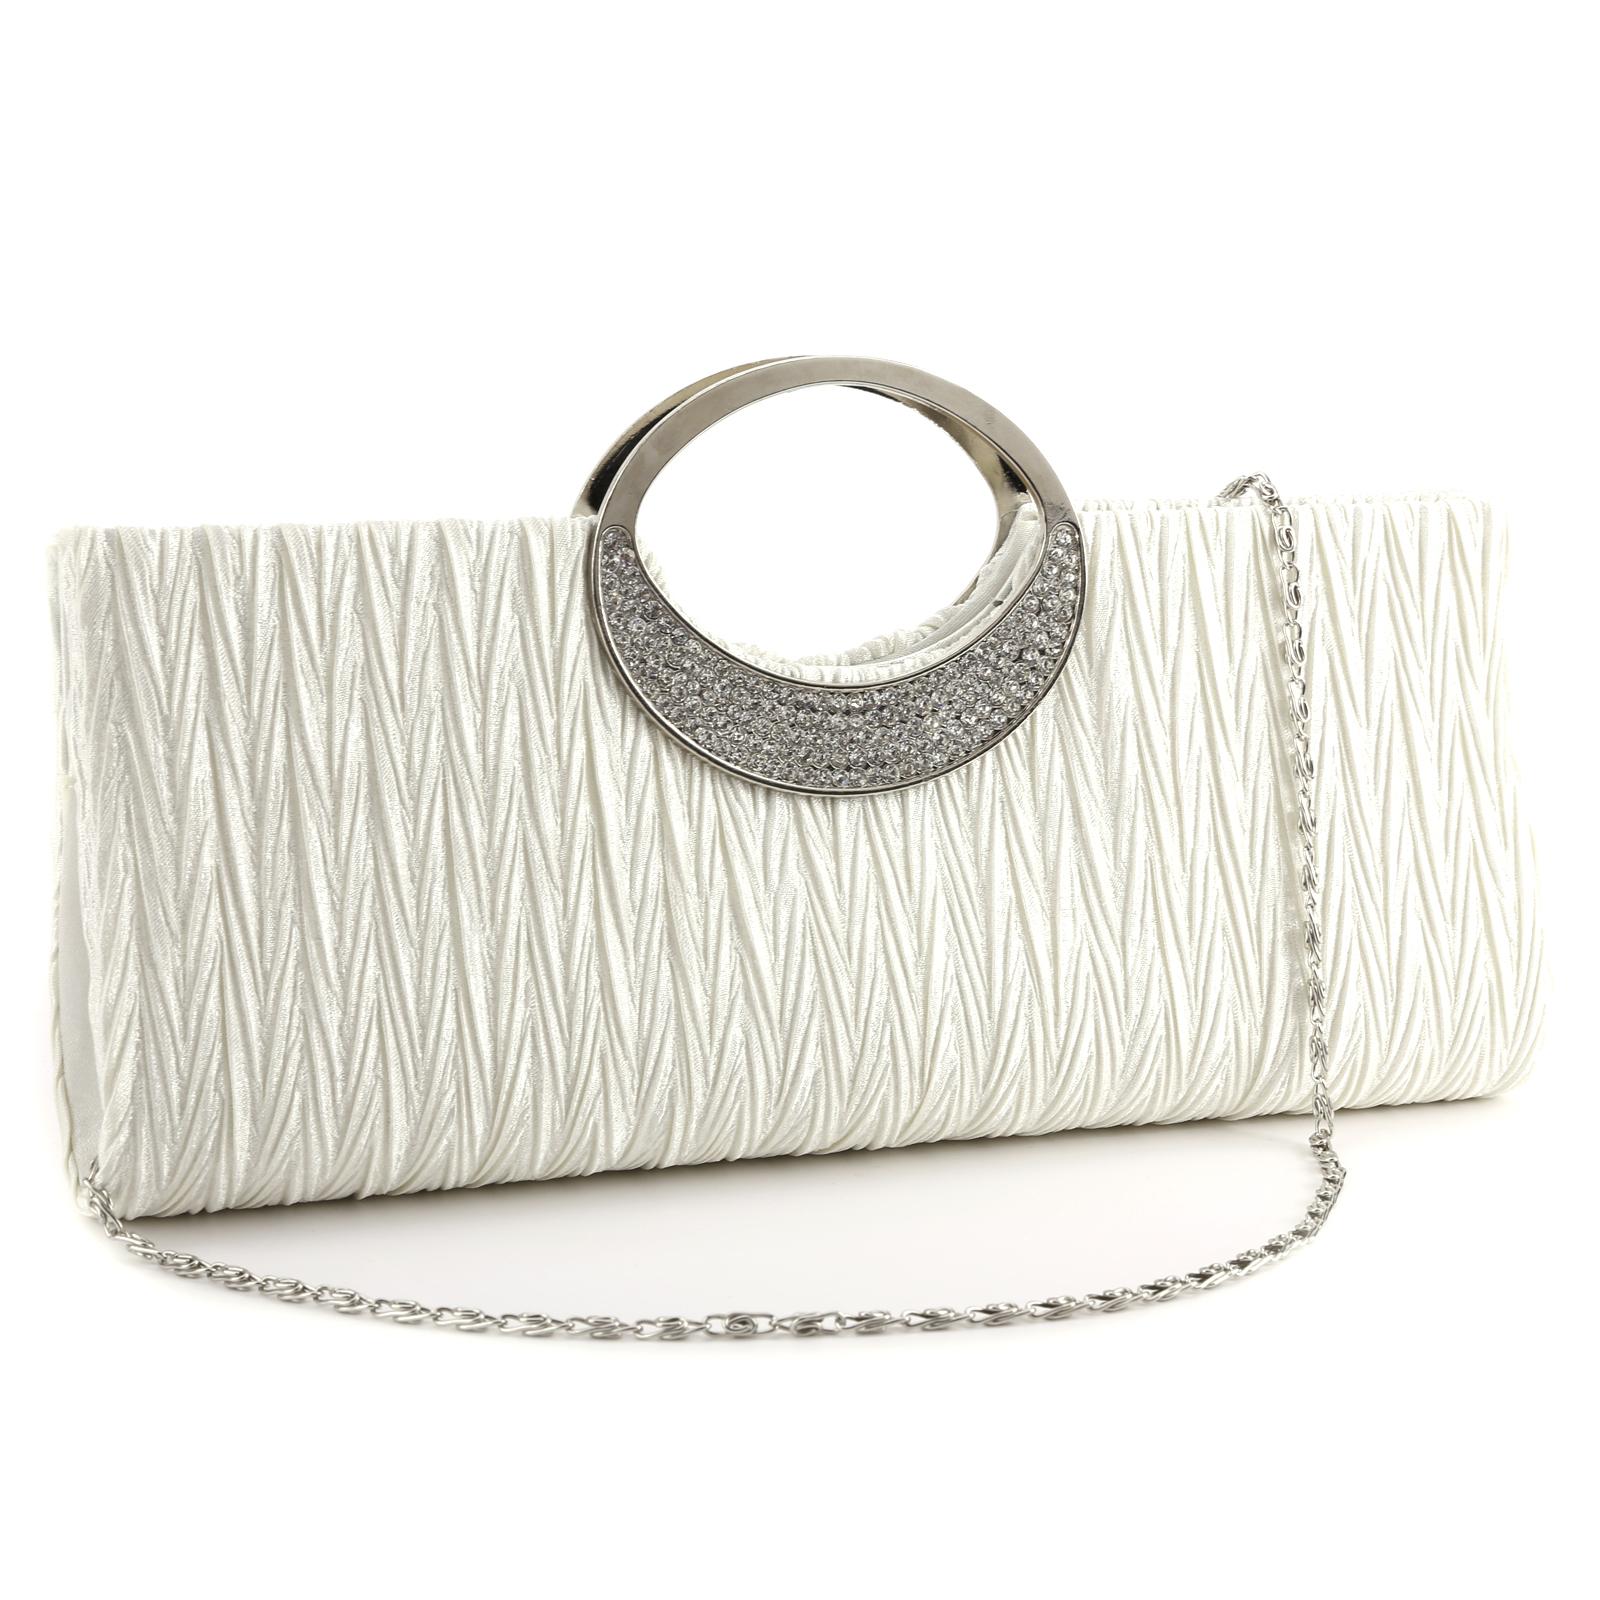 Luxus-Abendtasche-Handtasche-Brauttasche-Hochzeit-Satin-Clutch-Damentasche-Party